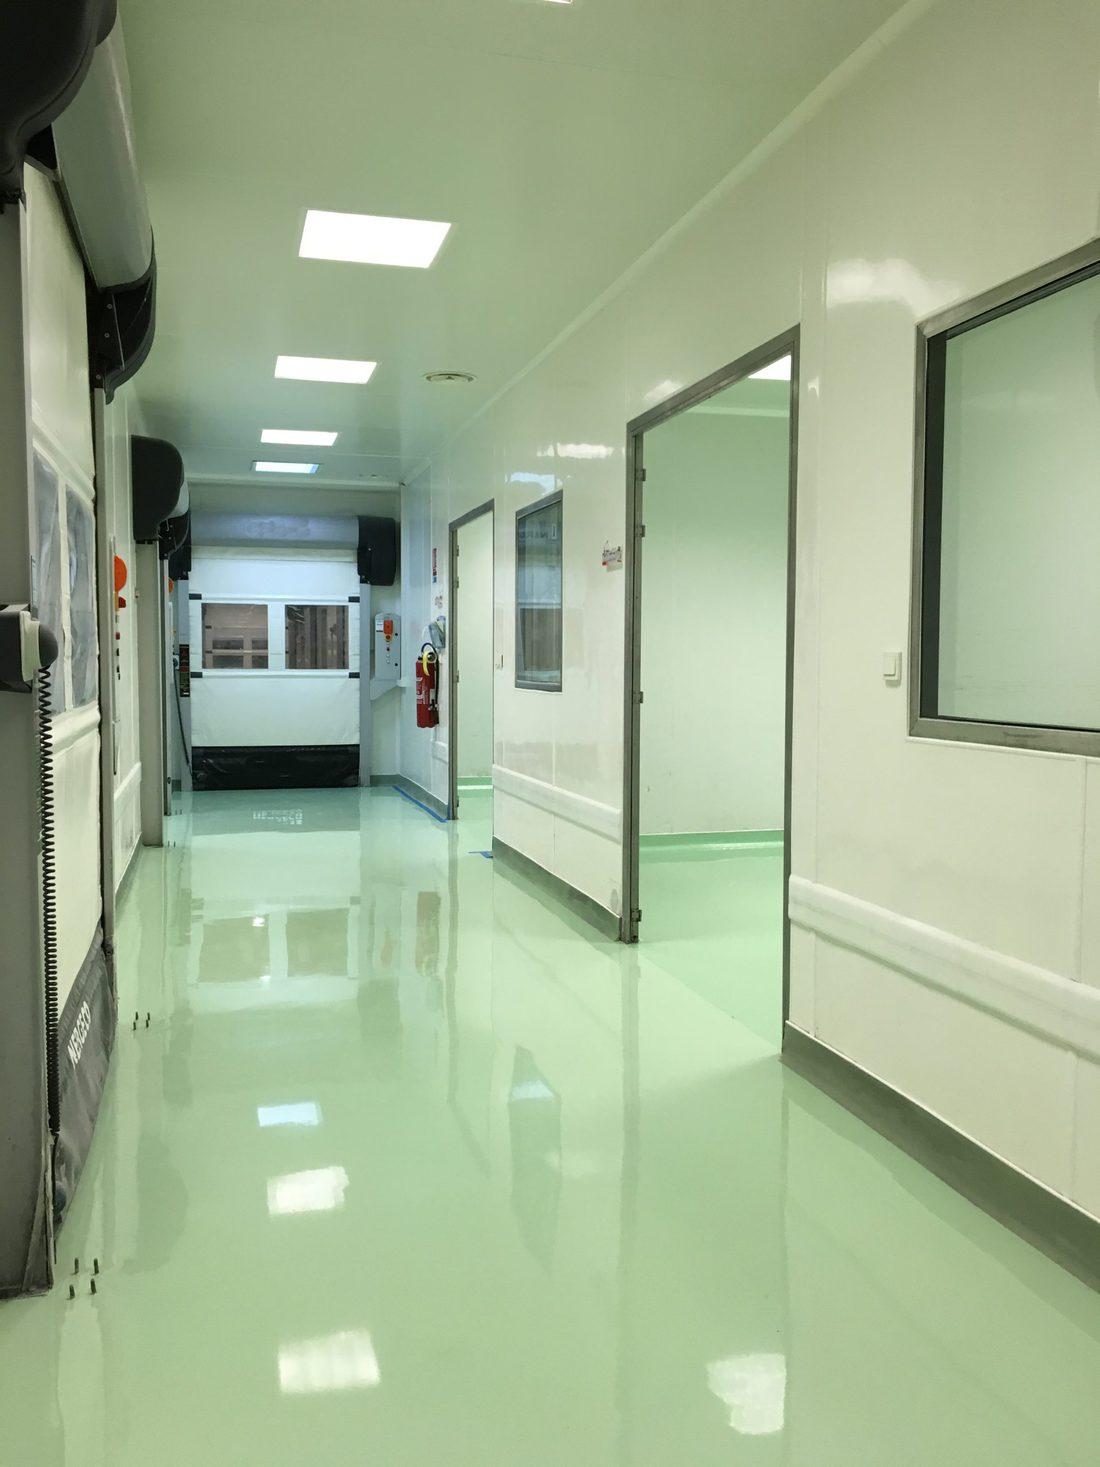 Résine de sol dans un couloir pharmaceutique